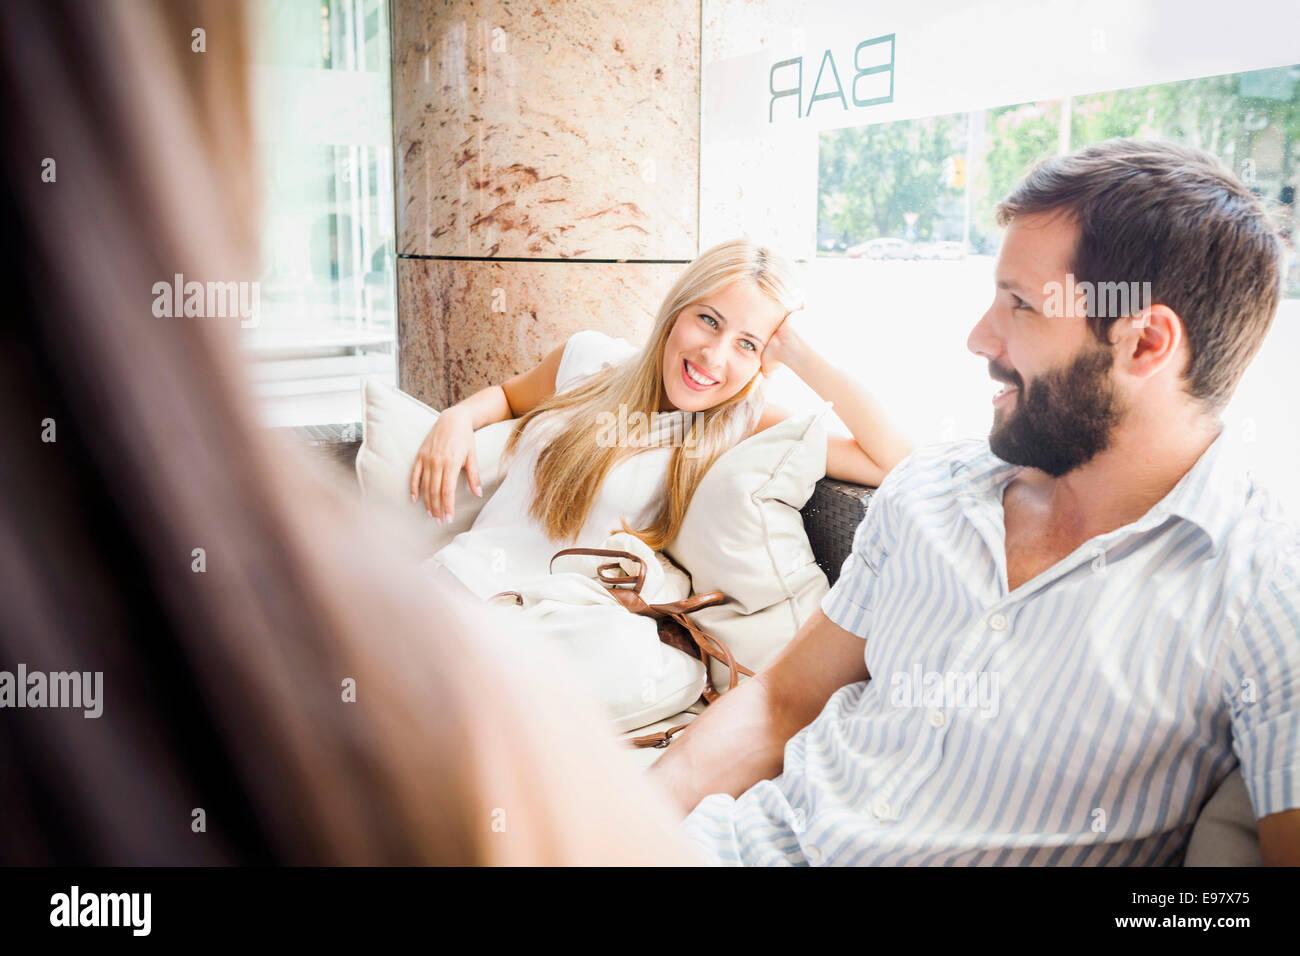 Coppia giovane prendendo una pausa in un cafe Immagini Stock